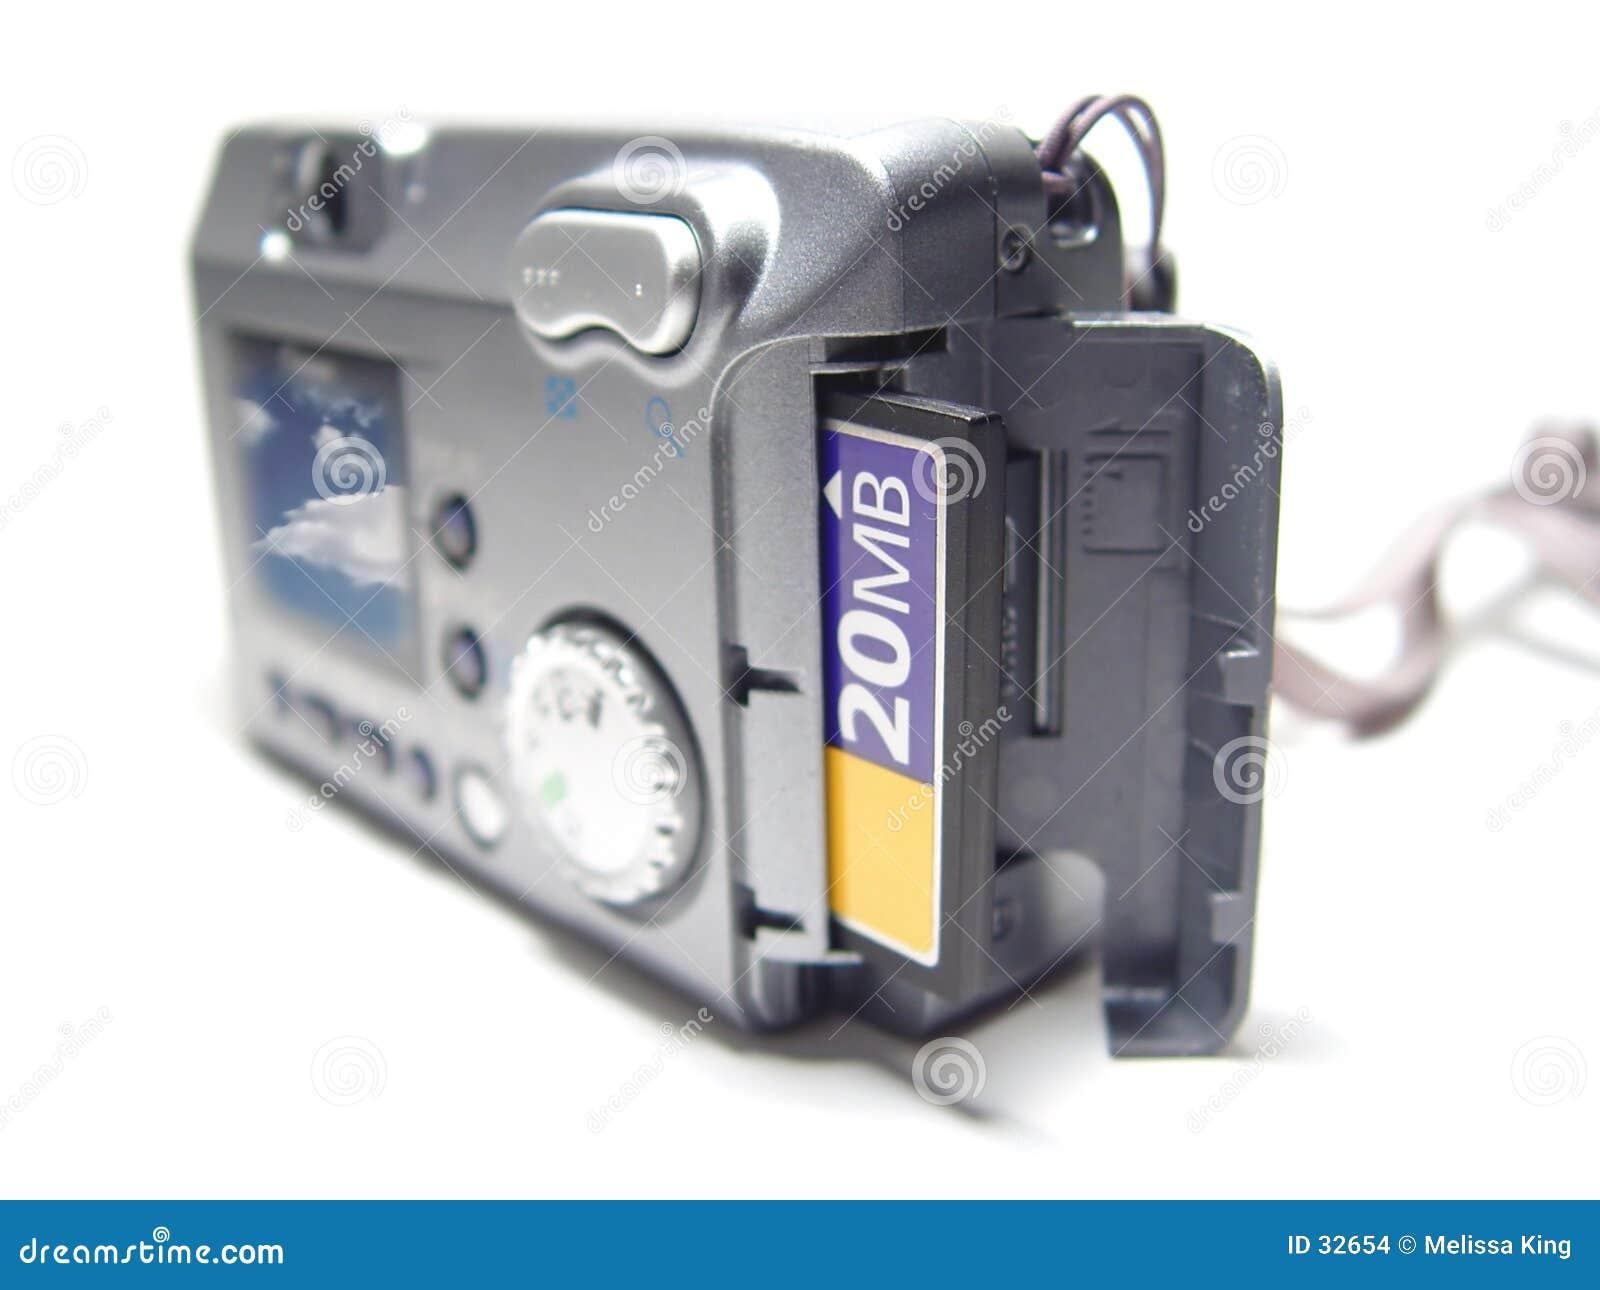 Kamera mit Abbildung auf Bildschirm